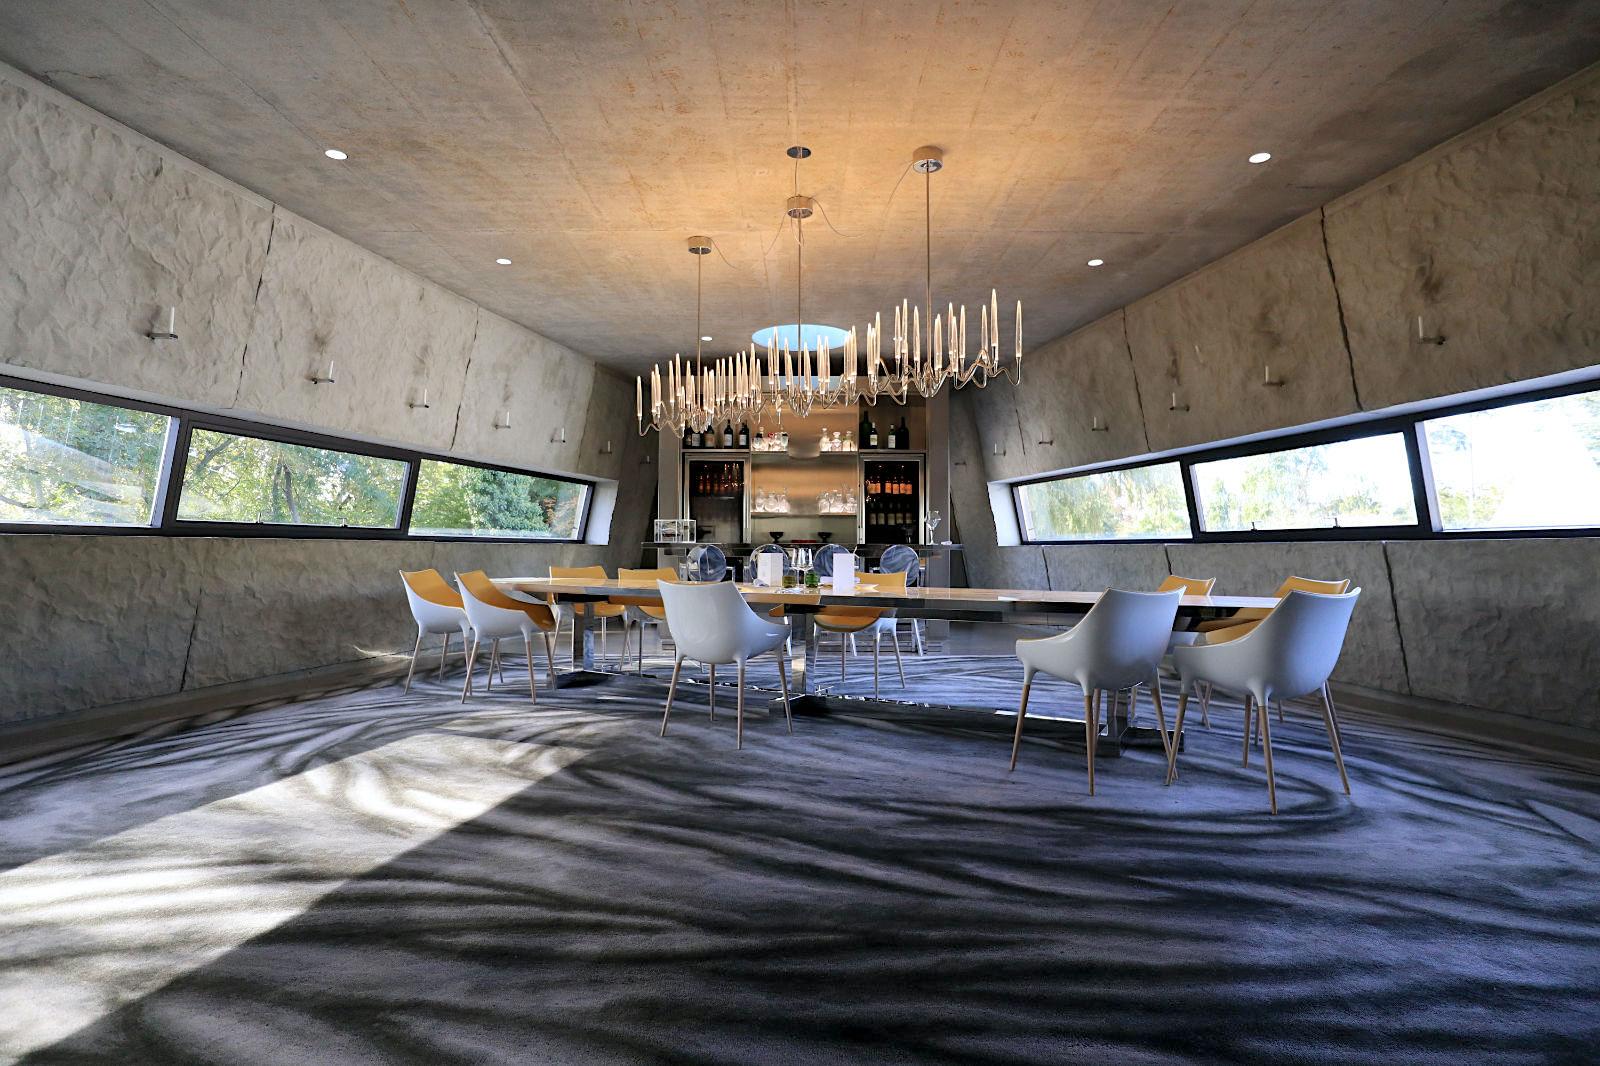 Château Les Carmes Haut Brion. ... und zwei oberen Geschossen, für die Fermentierung und exklusive Verkostungen. Das Interior Design kommt vollständig von Philippe Starck. Den Teppich entwarf seine Tochter, die Malerin Ara Starck.